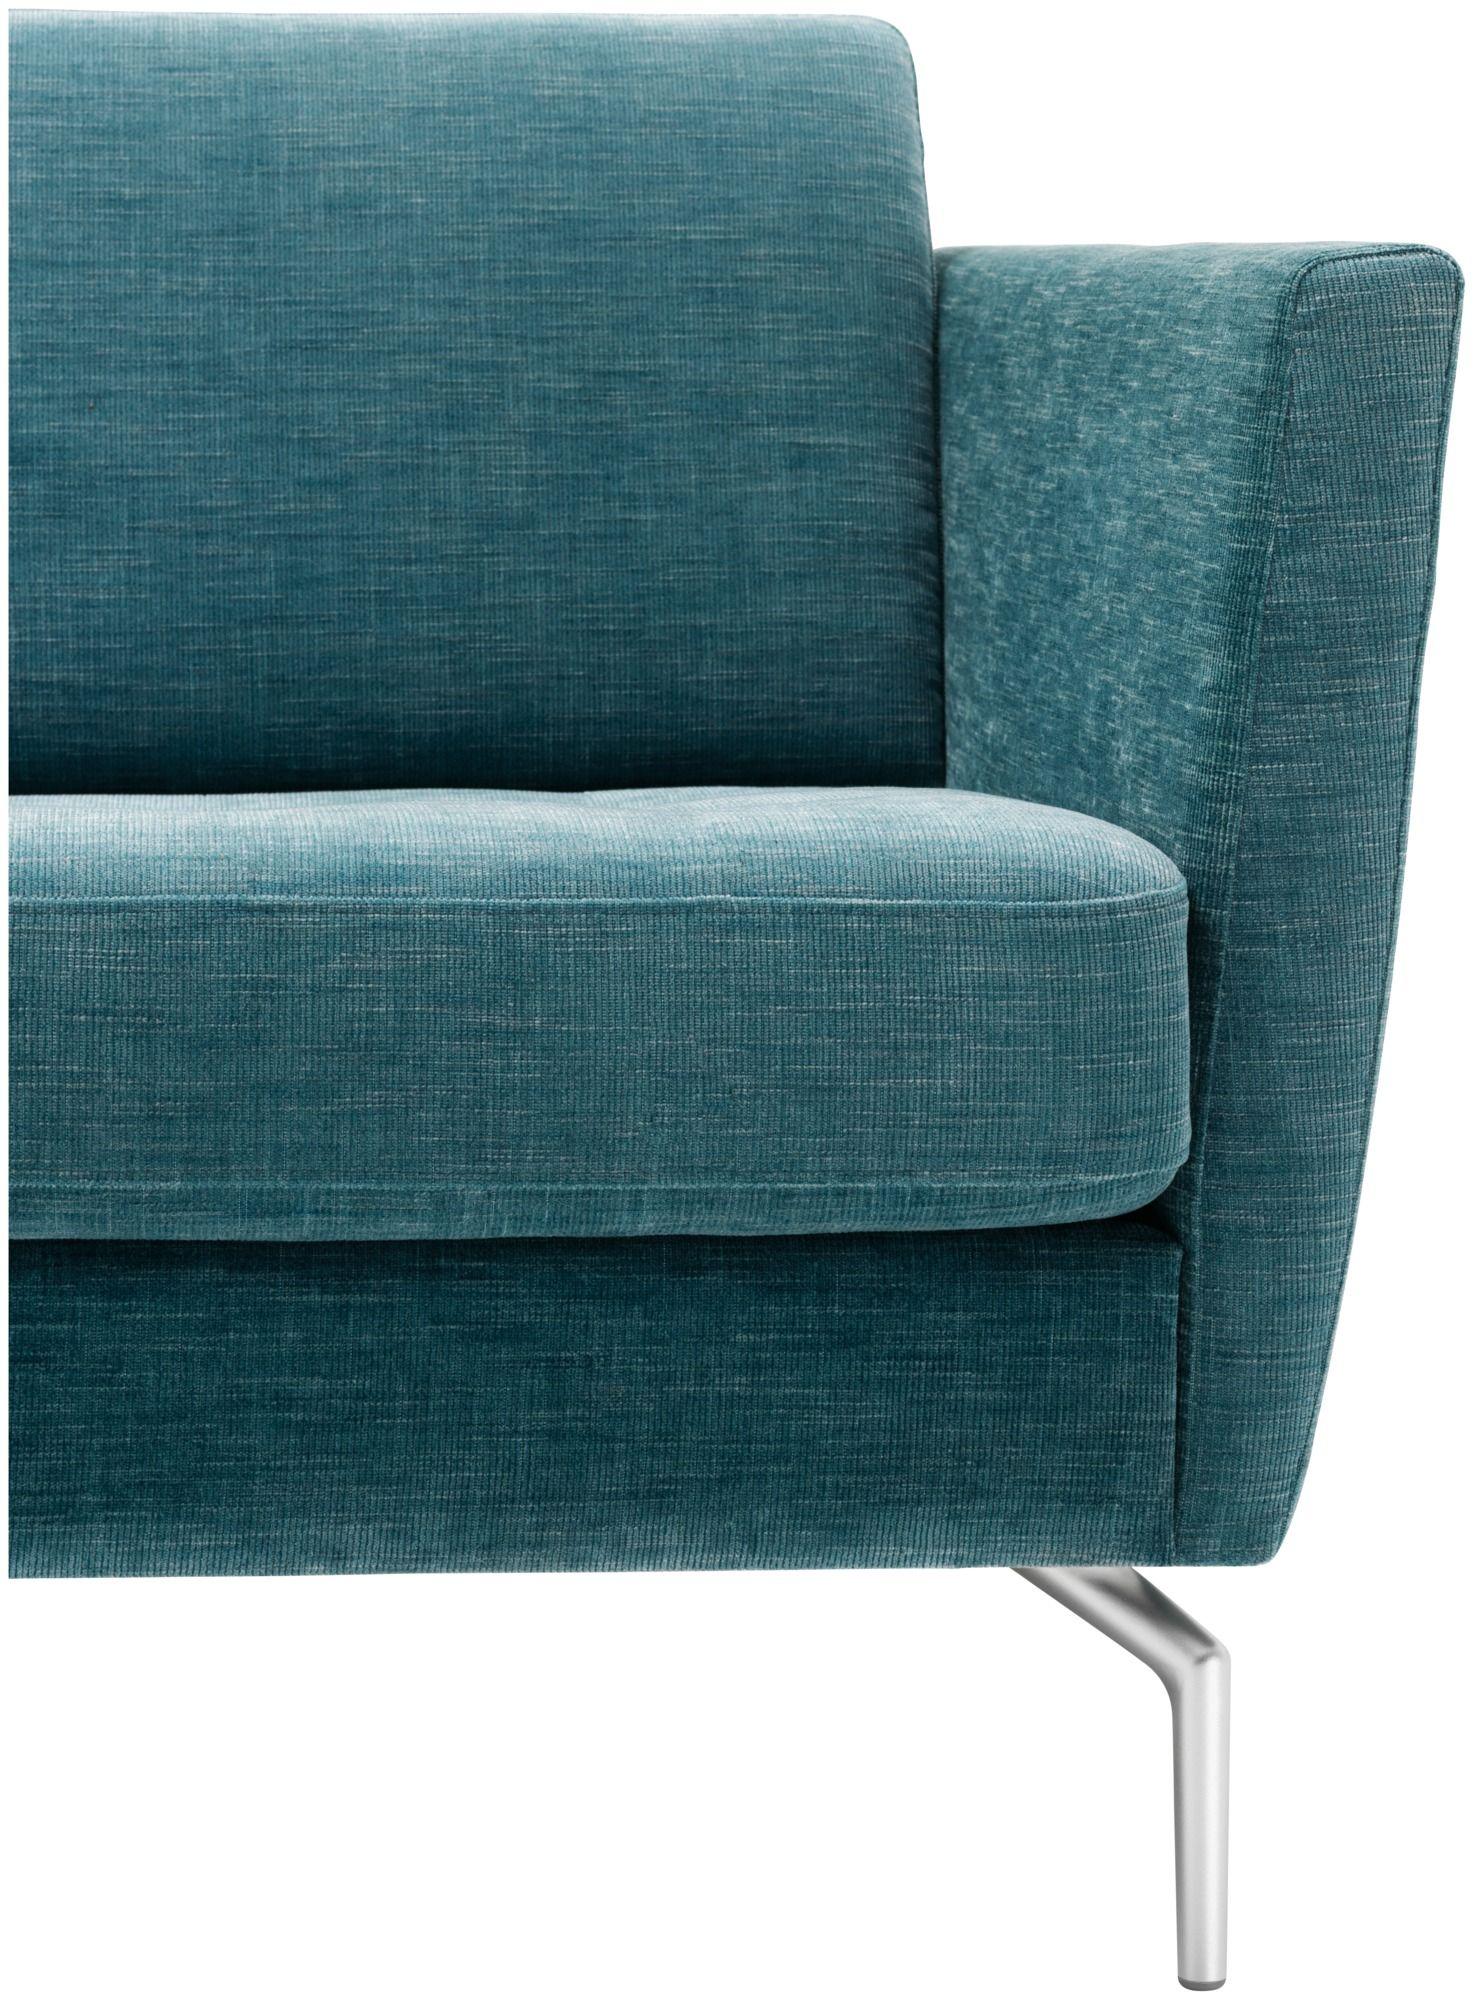 Osaka Sofa Customise Your Own Sofa 3 Seater Sofa Sofa Boconcept